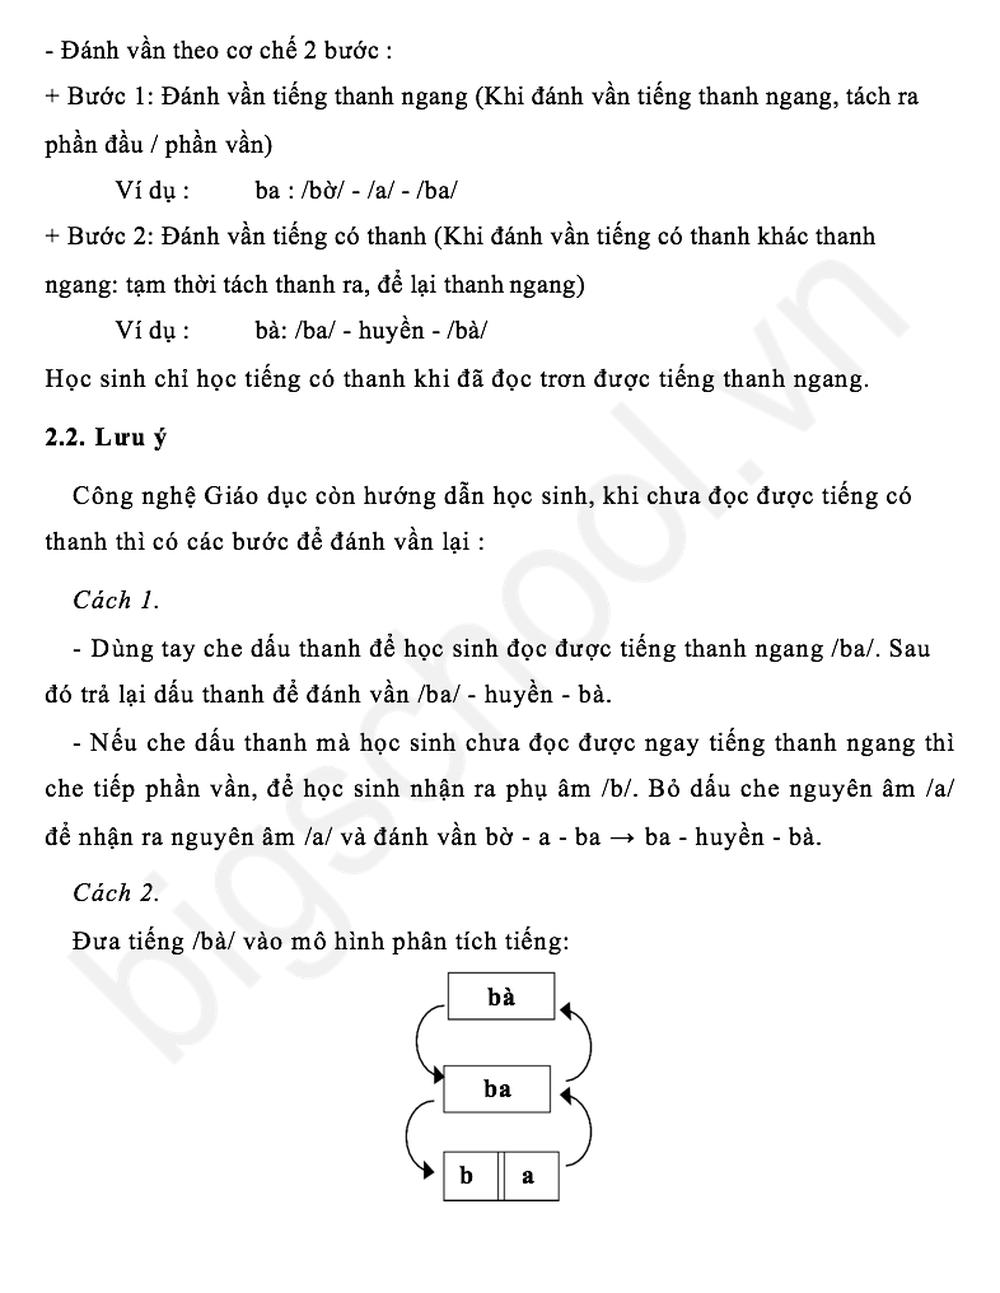 Đánh vần Tiếng Việt theo sách Công nghệ giáo dục như thế nào? - Ảnh 4.